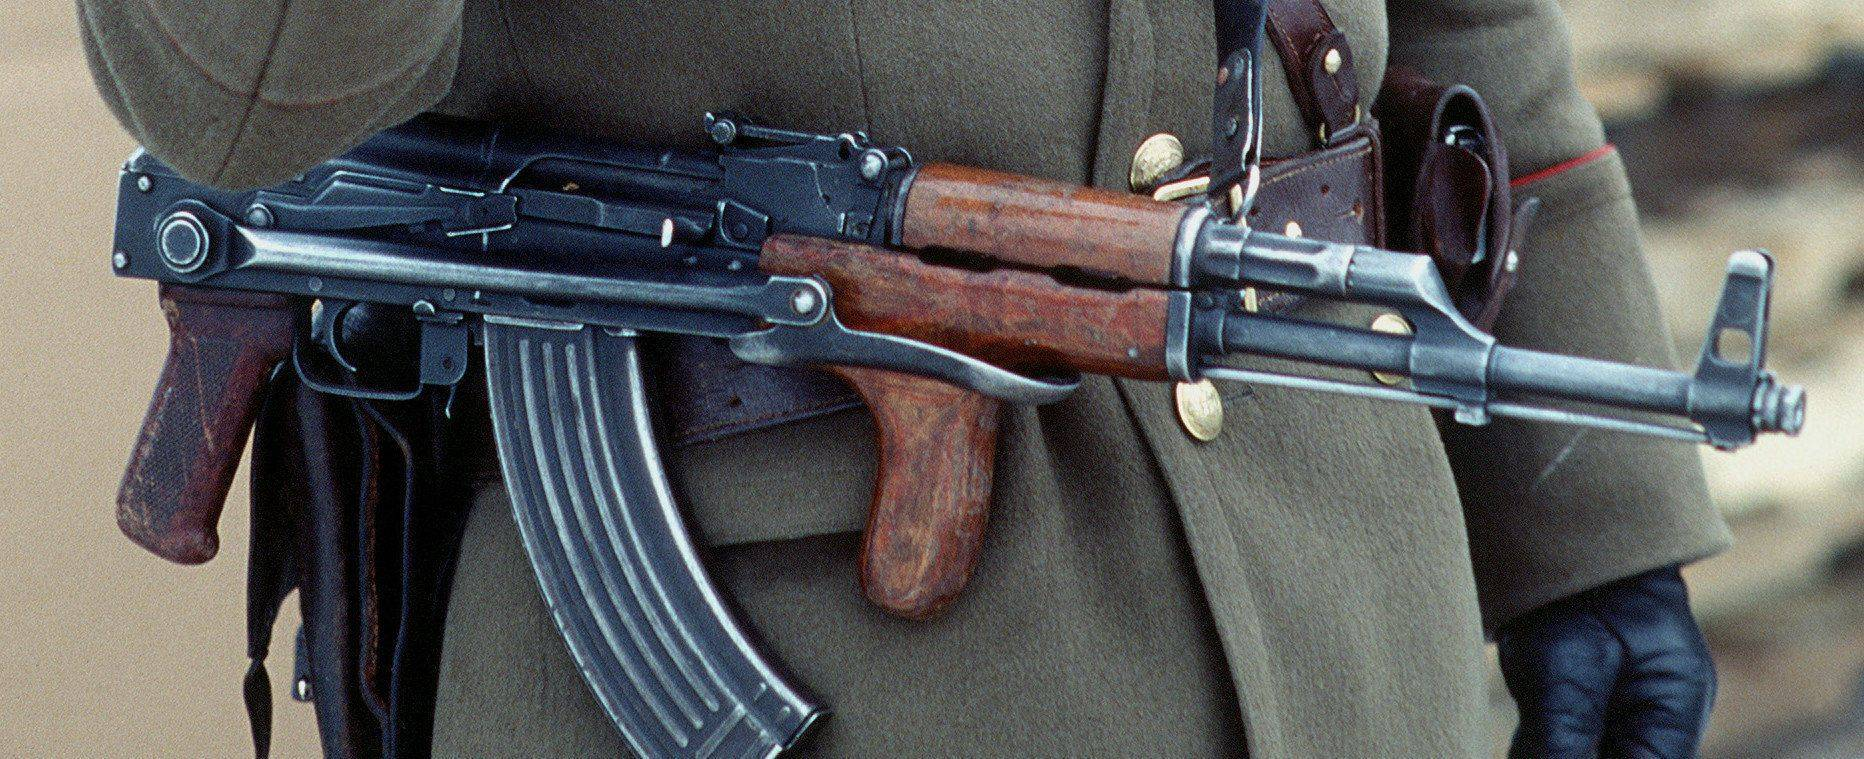 Биограф  калашникова рассказал, что правда, а что ложь в новом фильме про алтайского оружейника